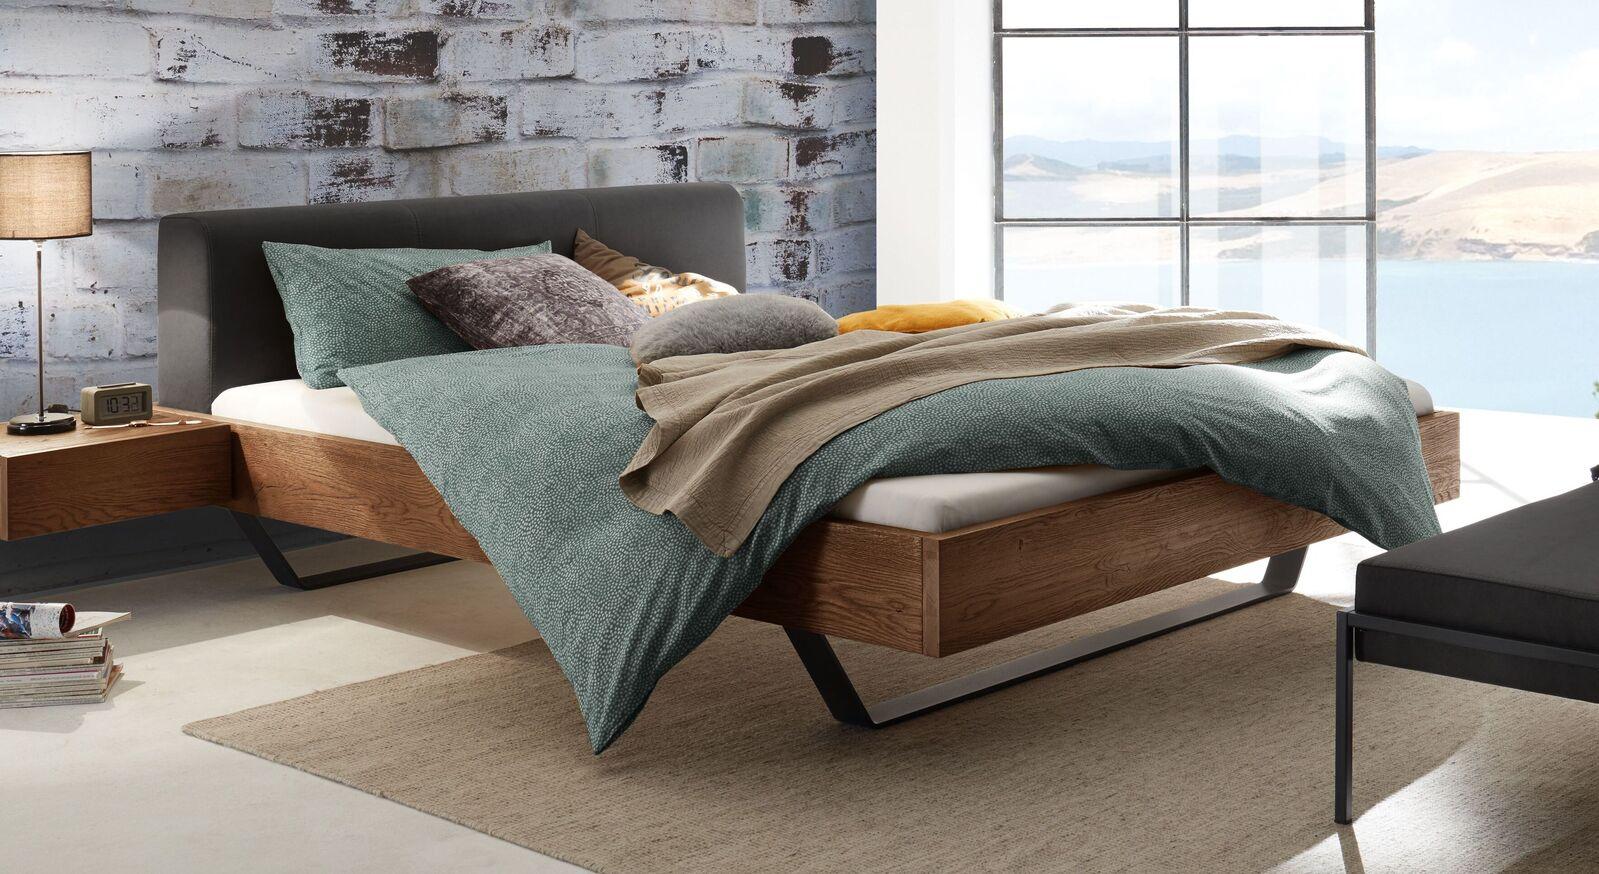 Bett Cenadro mit naturfarbenem Wildeichenbettrahmen